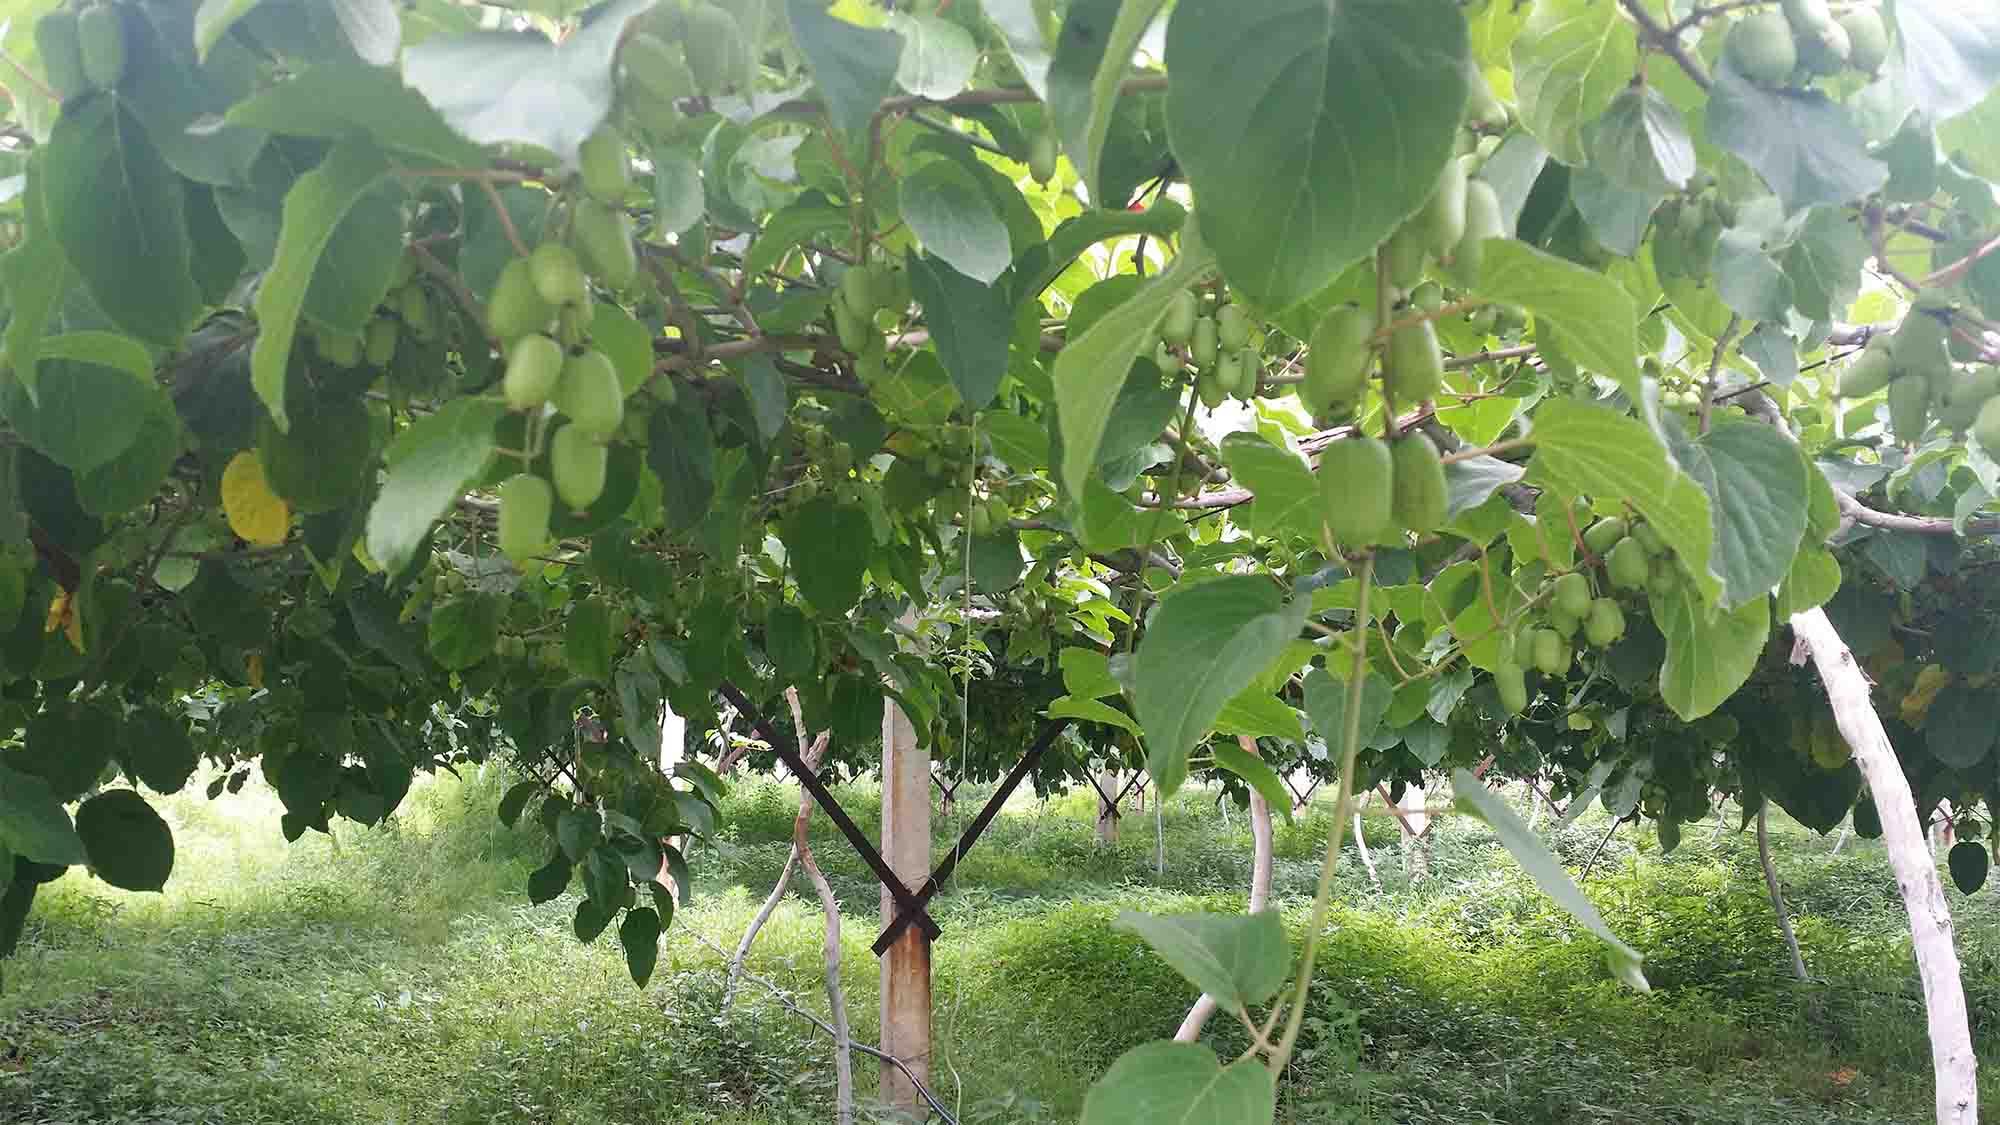 鞍山软枣猕猴桃-口碑好的软枣猕猴桃选择稼盛生态农业